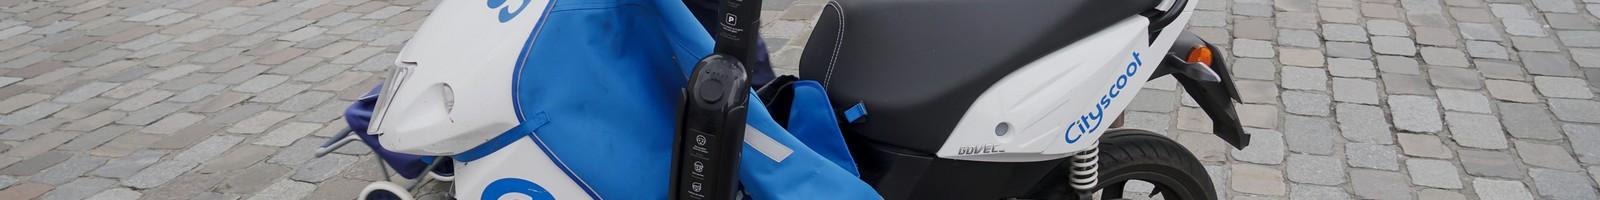 Les scooters en libre-service de Cityscoot ont du succès